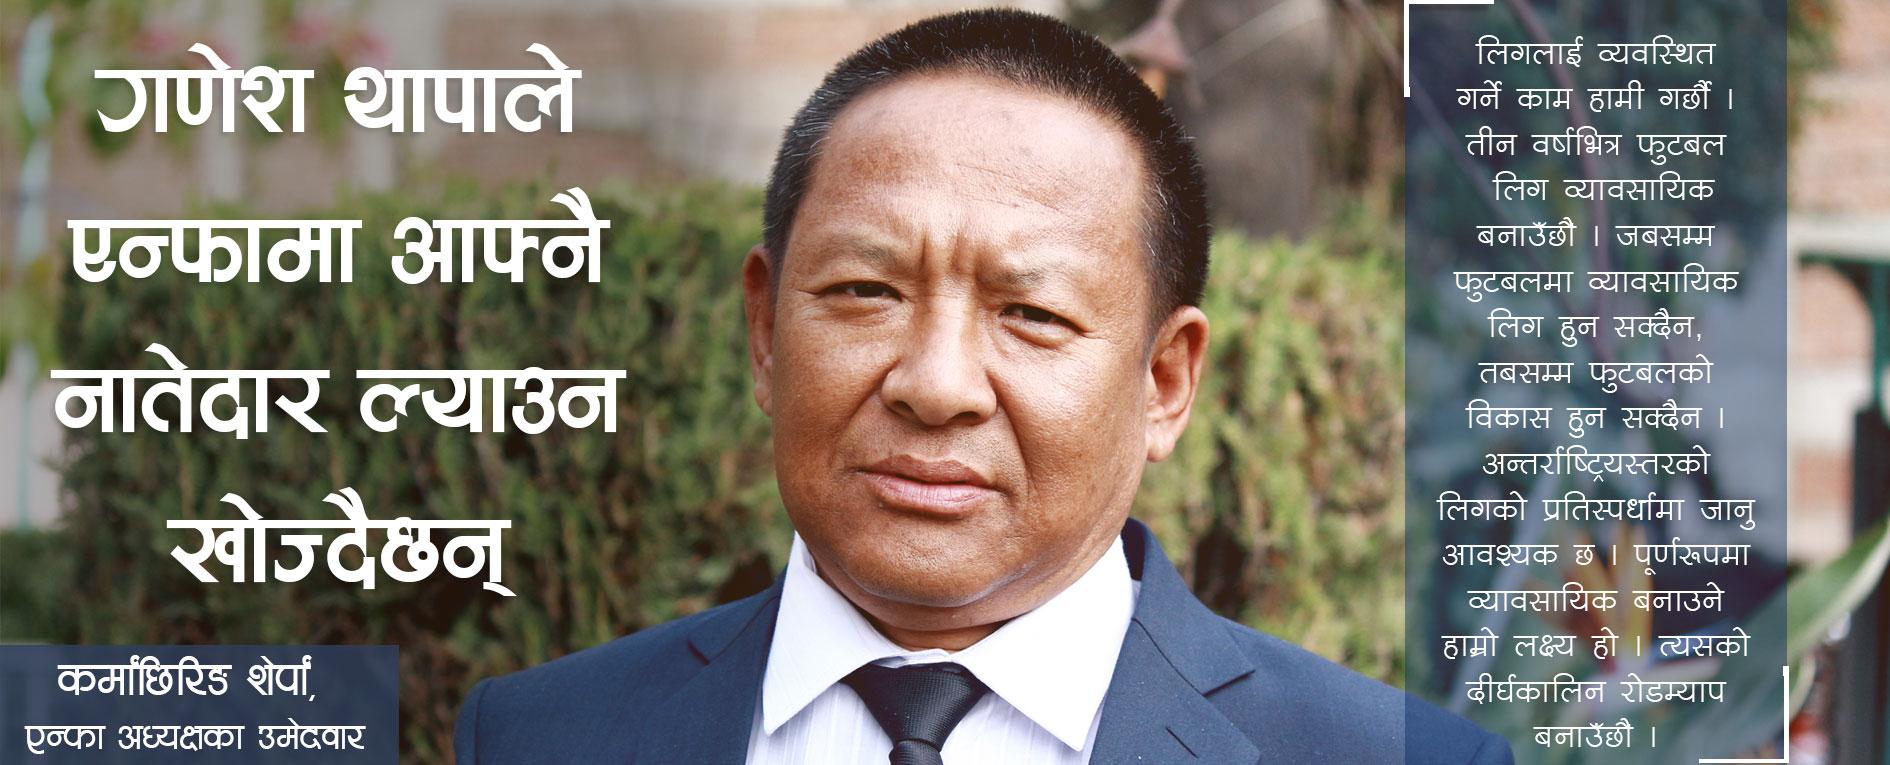 नेपाली फुटबलमा म्याच फिक्सिङ चलिरहेकै छ